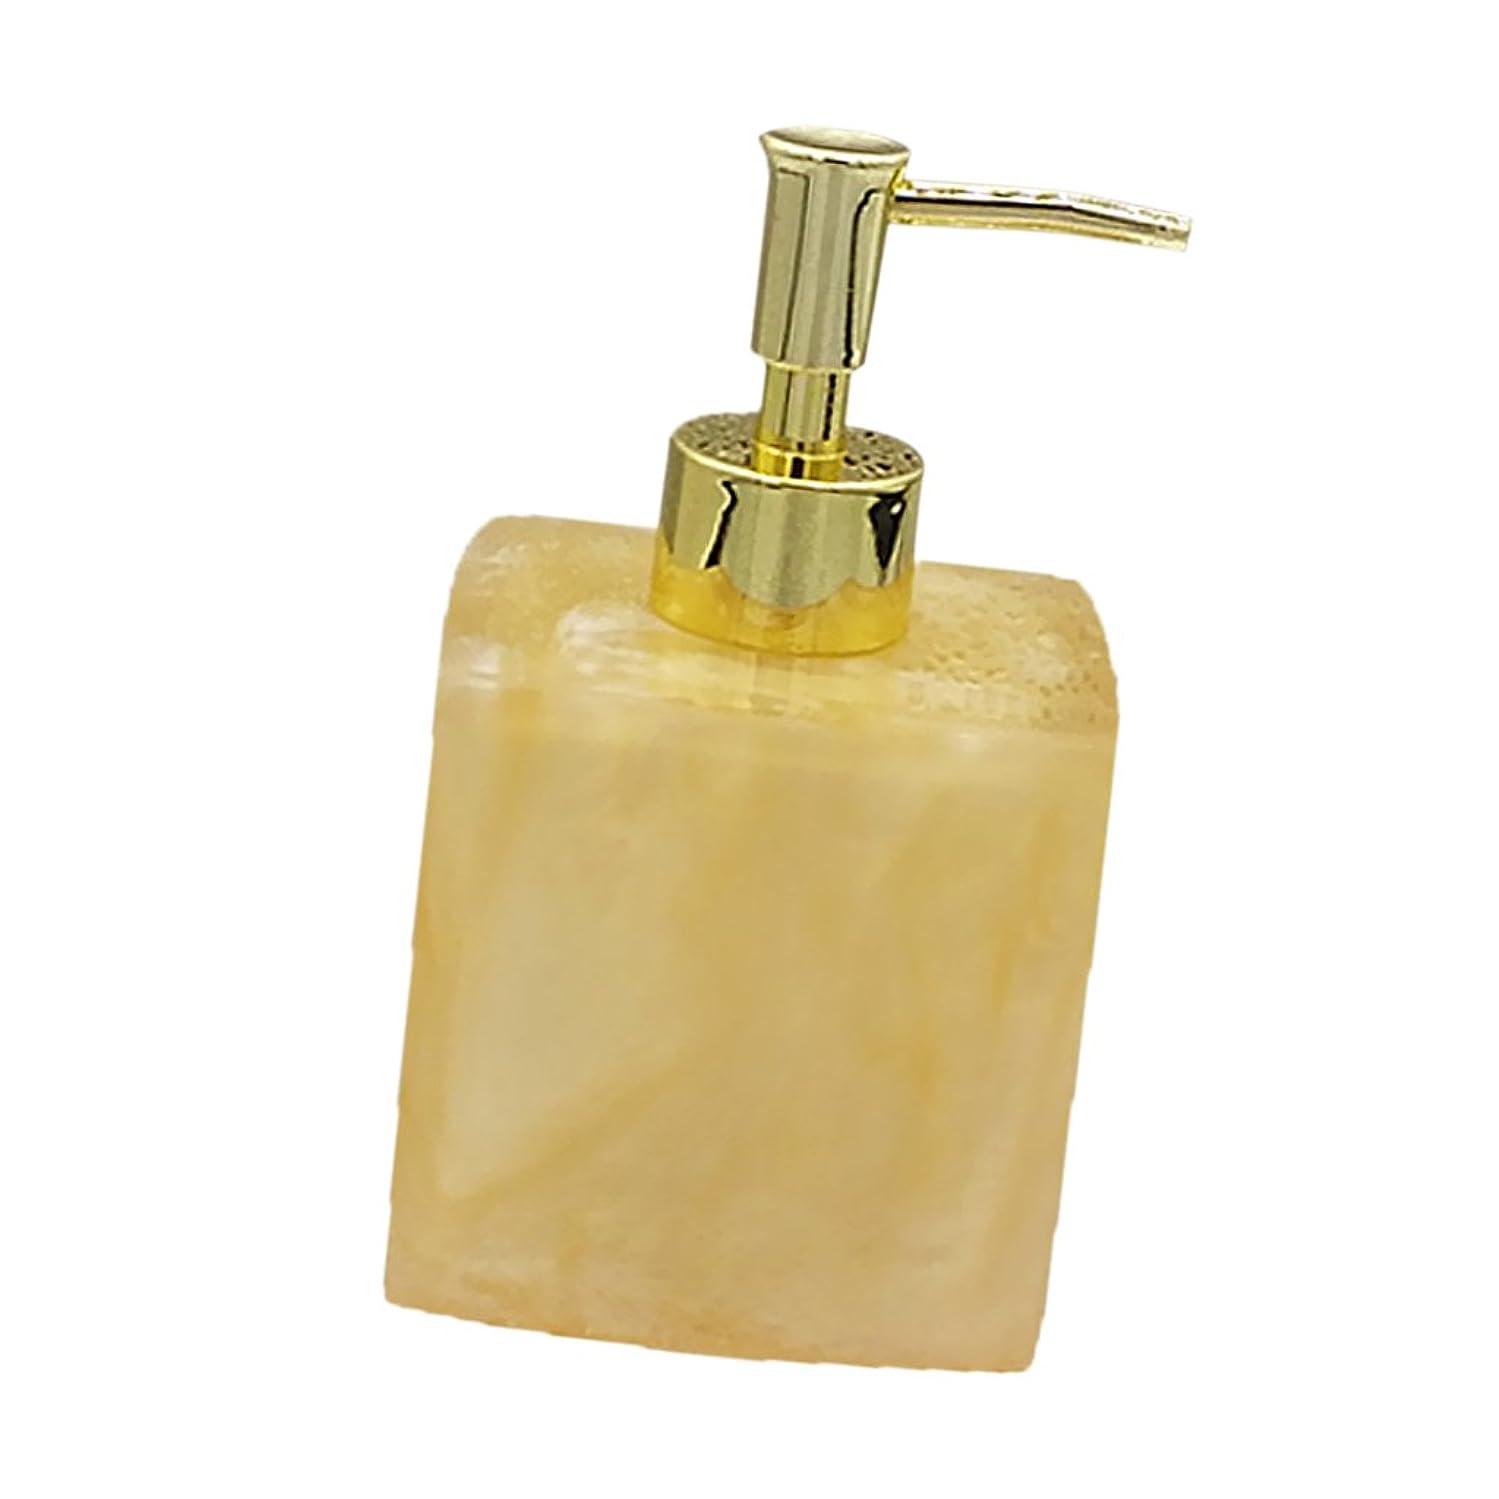 できればキノコ望まない(8.5 7.8 15cm, Yellow) - MonkeyJack Resin Soap Shampoo Dispenser Bath Liquid Body Lotion Pump Bottle/Jar VARIOUS - Yellow, 8.5 7.8 15cm